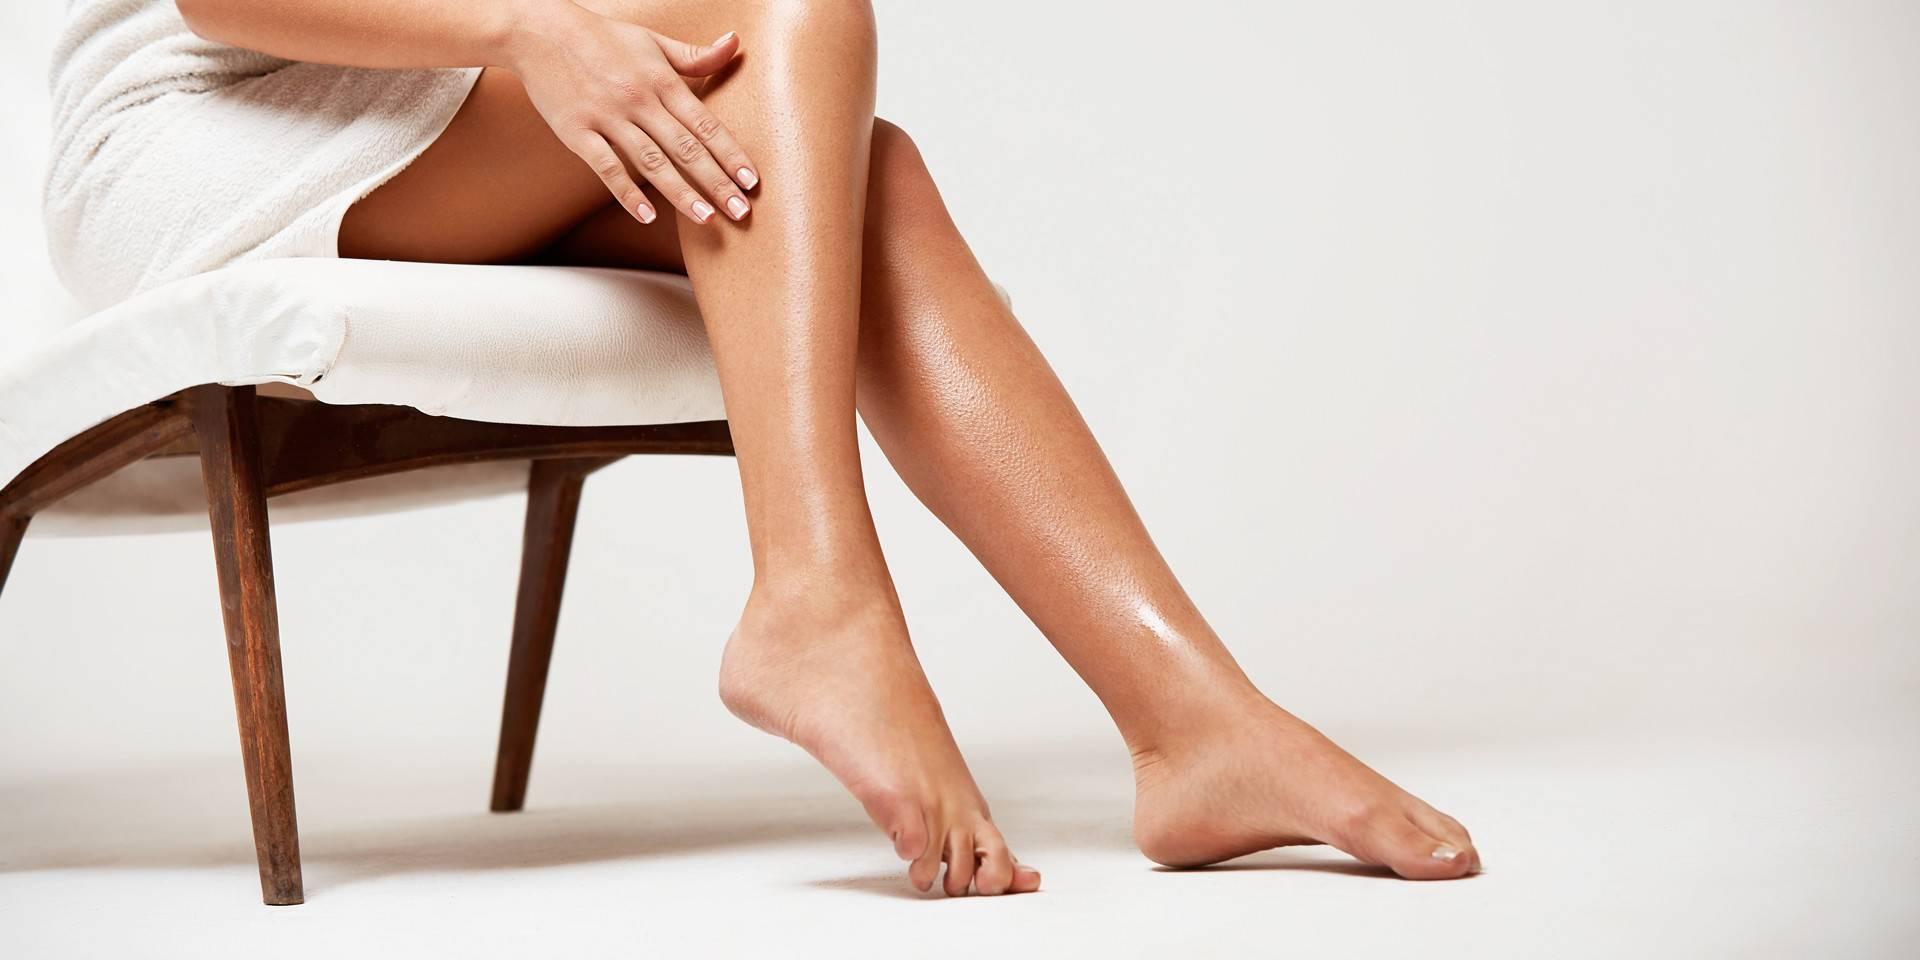 Что можно и что нельзя делать при варикозе на ногах: разрешения и запреты